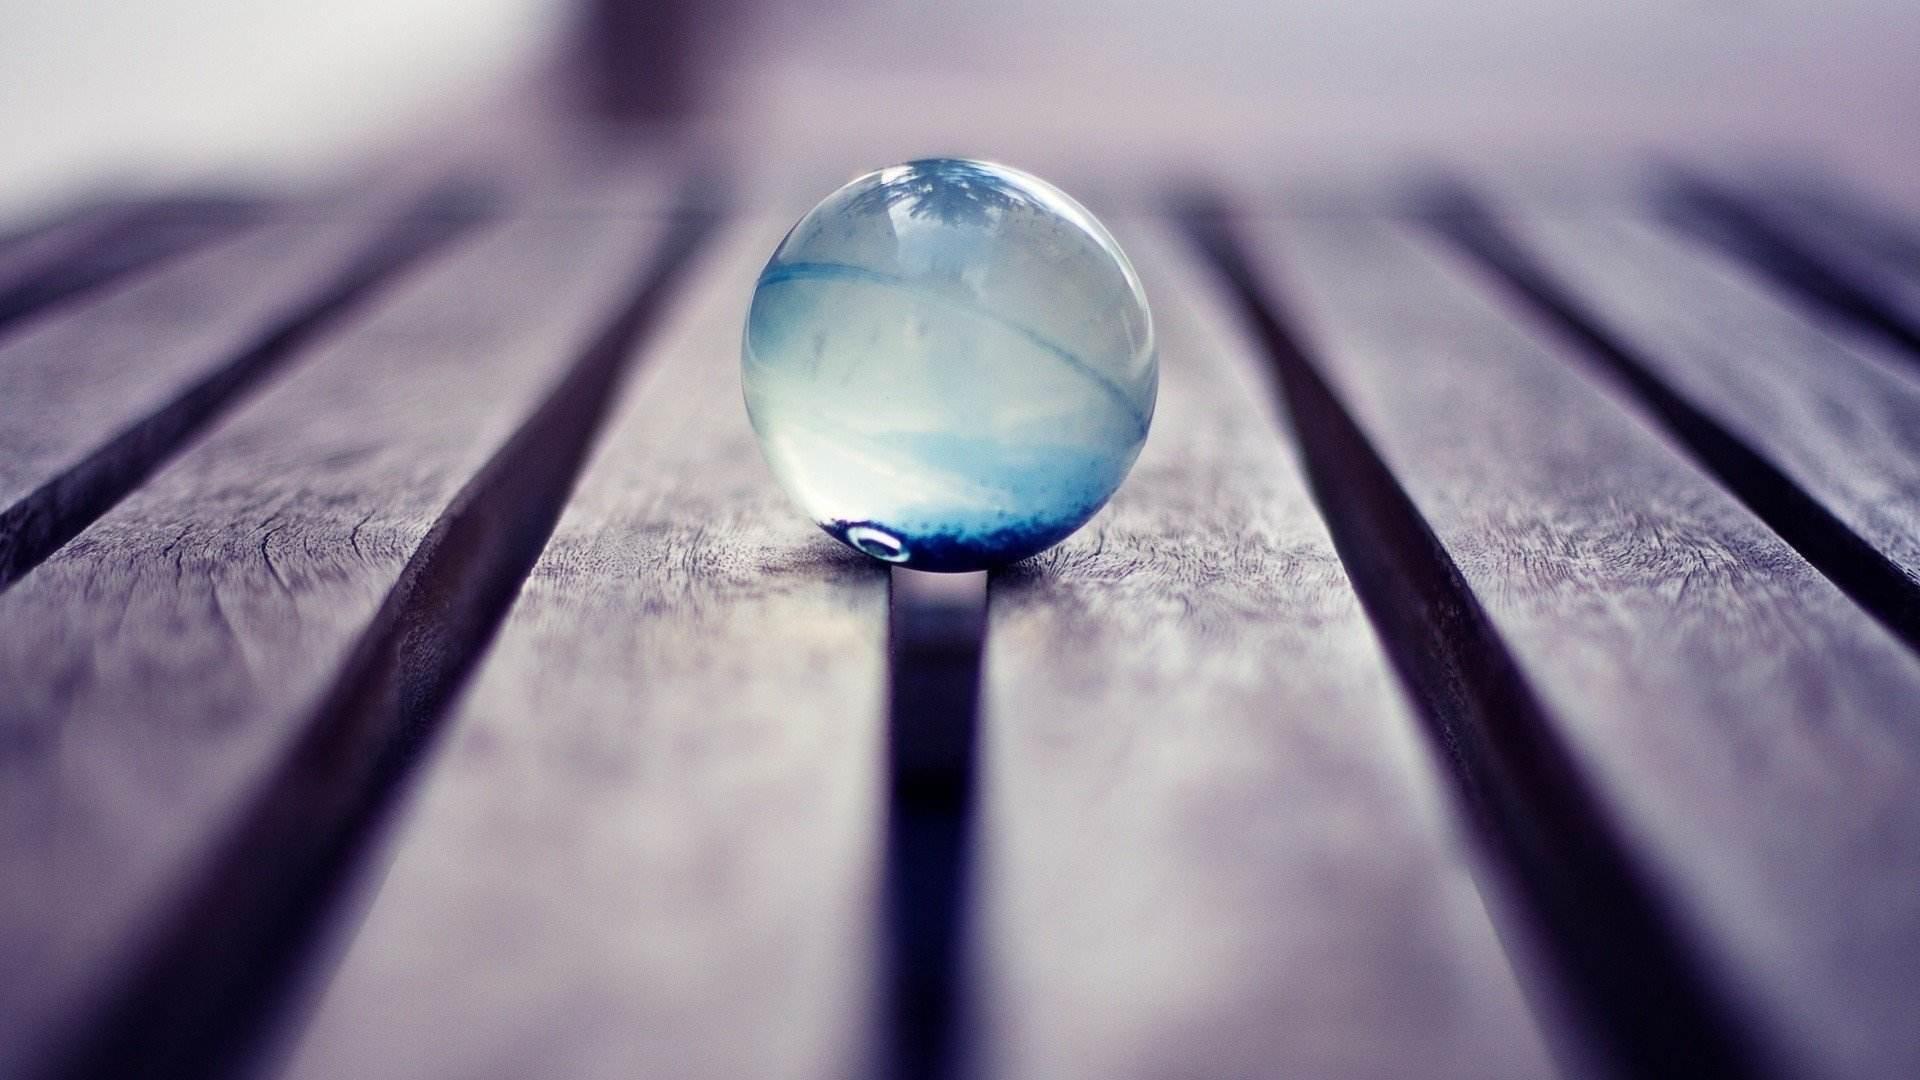 生活态度语录人生感悟说说:我不喜欢现在的状态,所以就拼吧